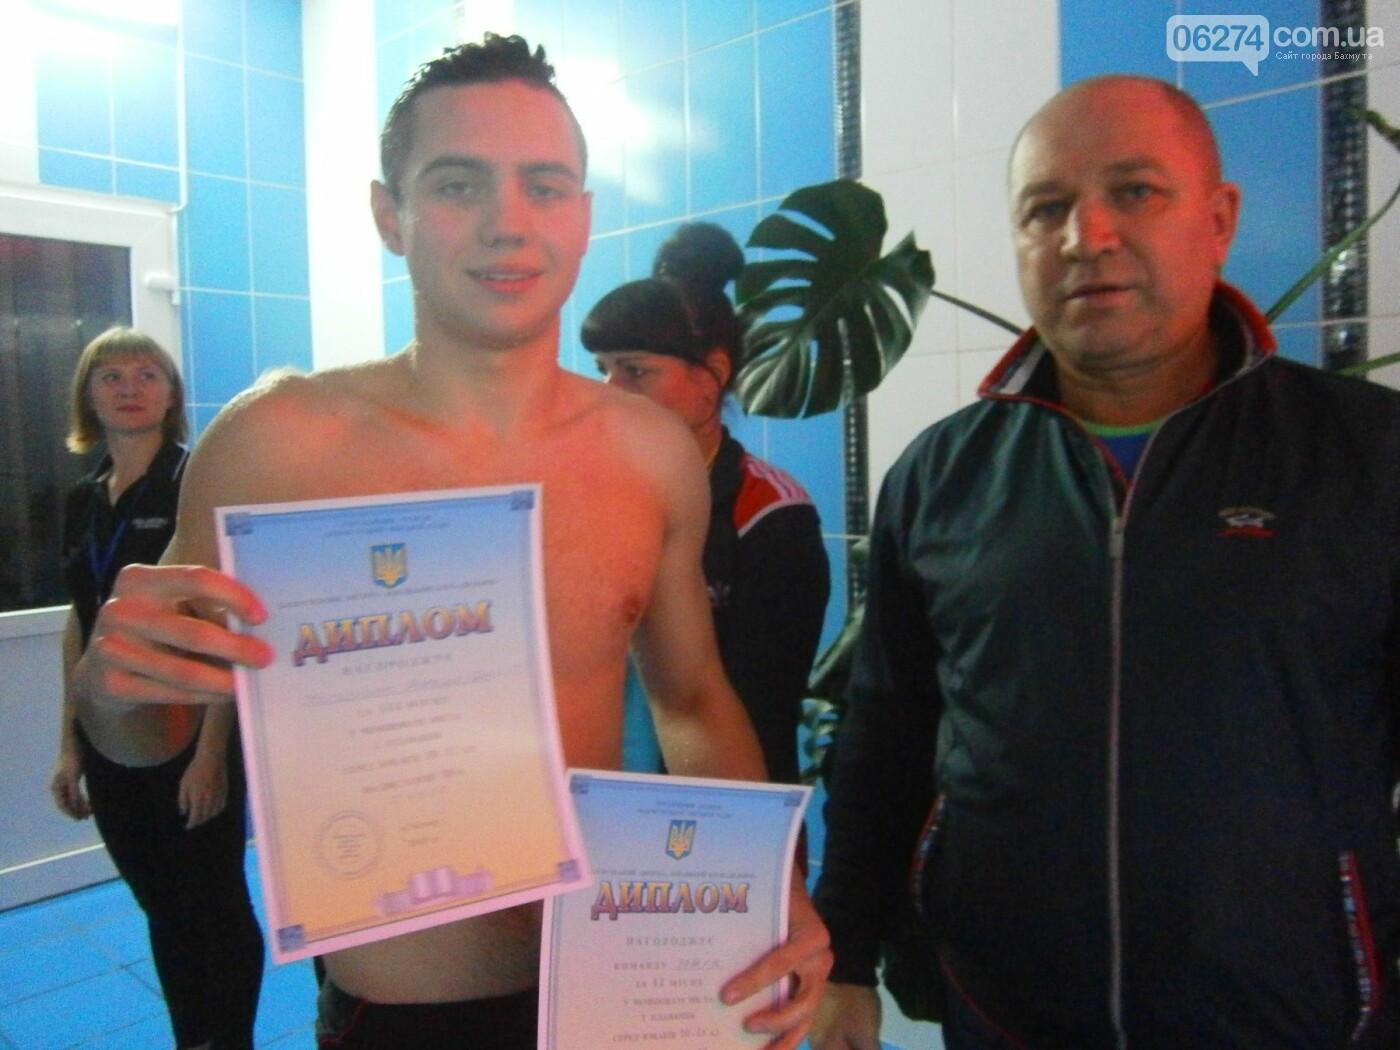 Плавательный сезон в ДЮК «Дельфин» начали старшеклассники Бахмута, фото-4